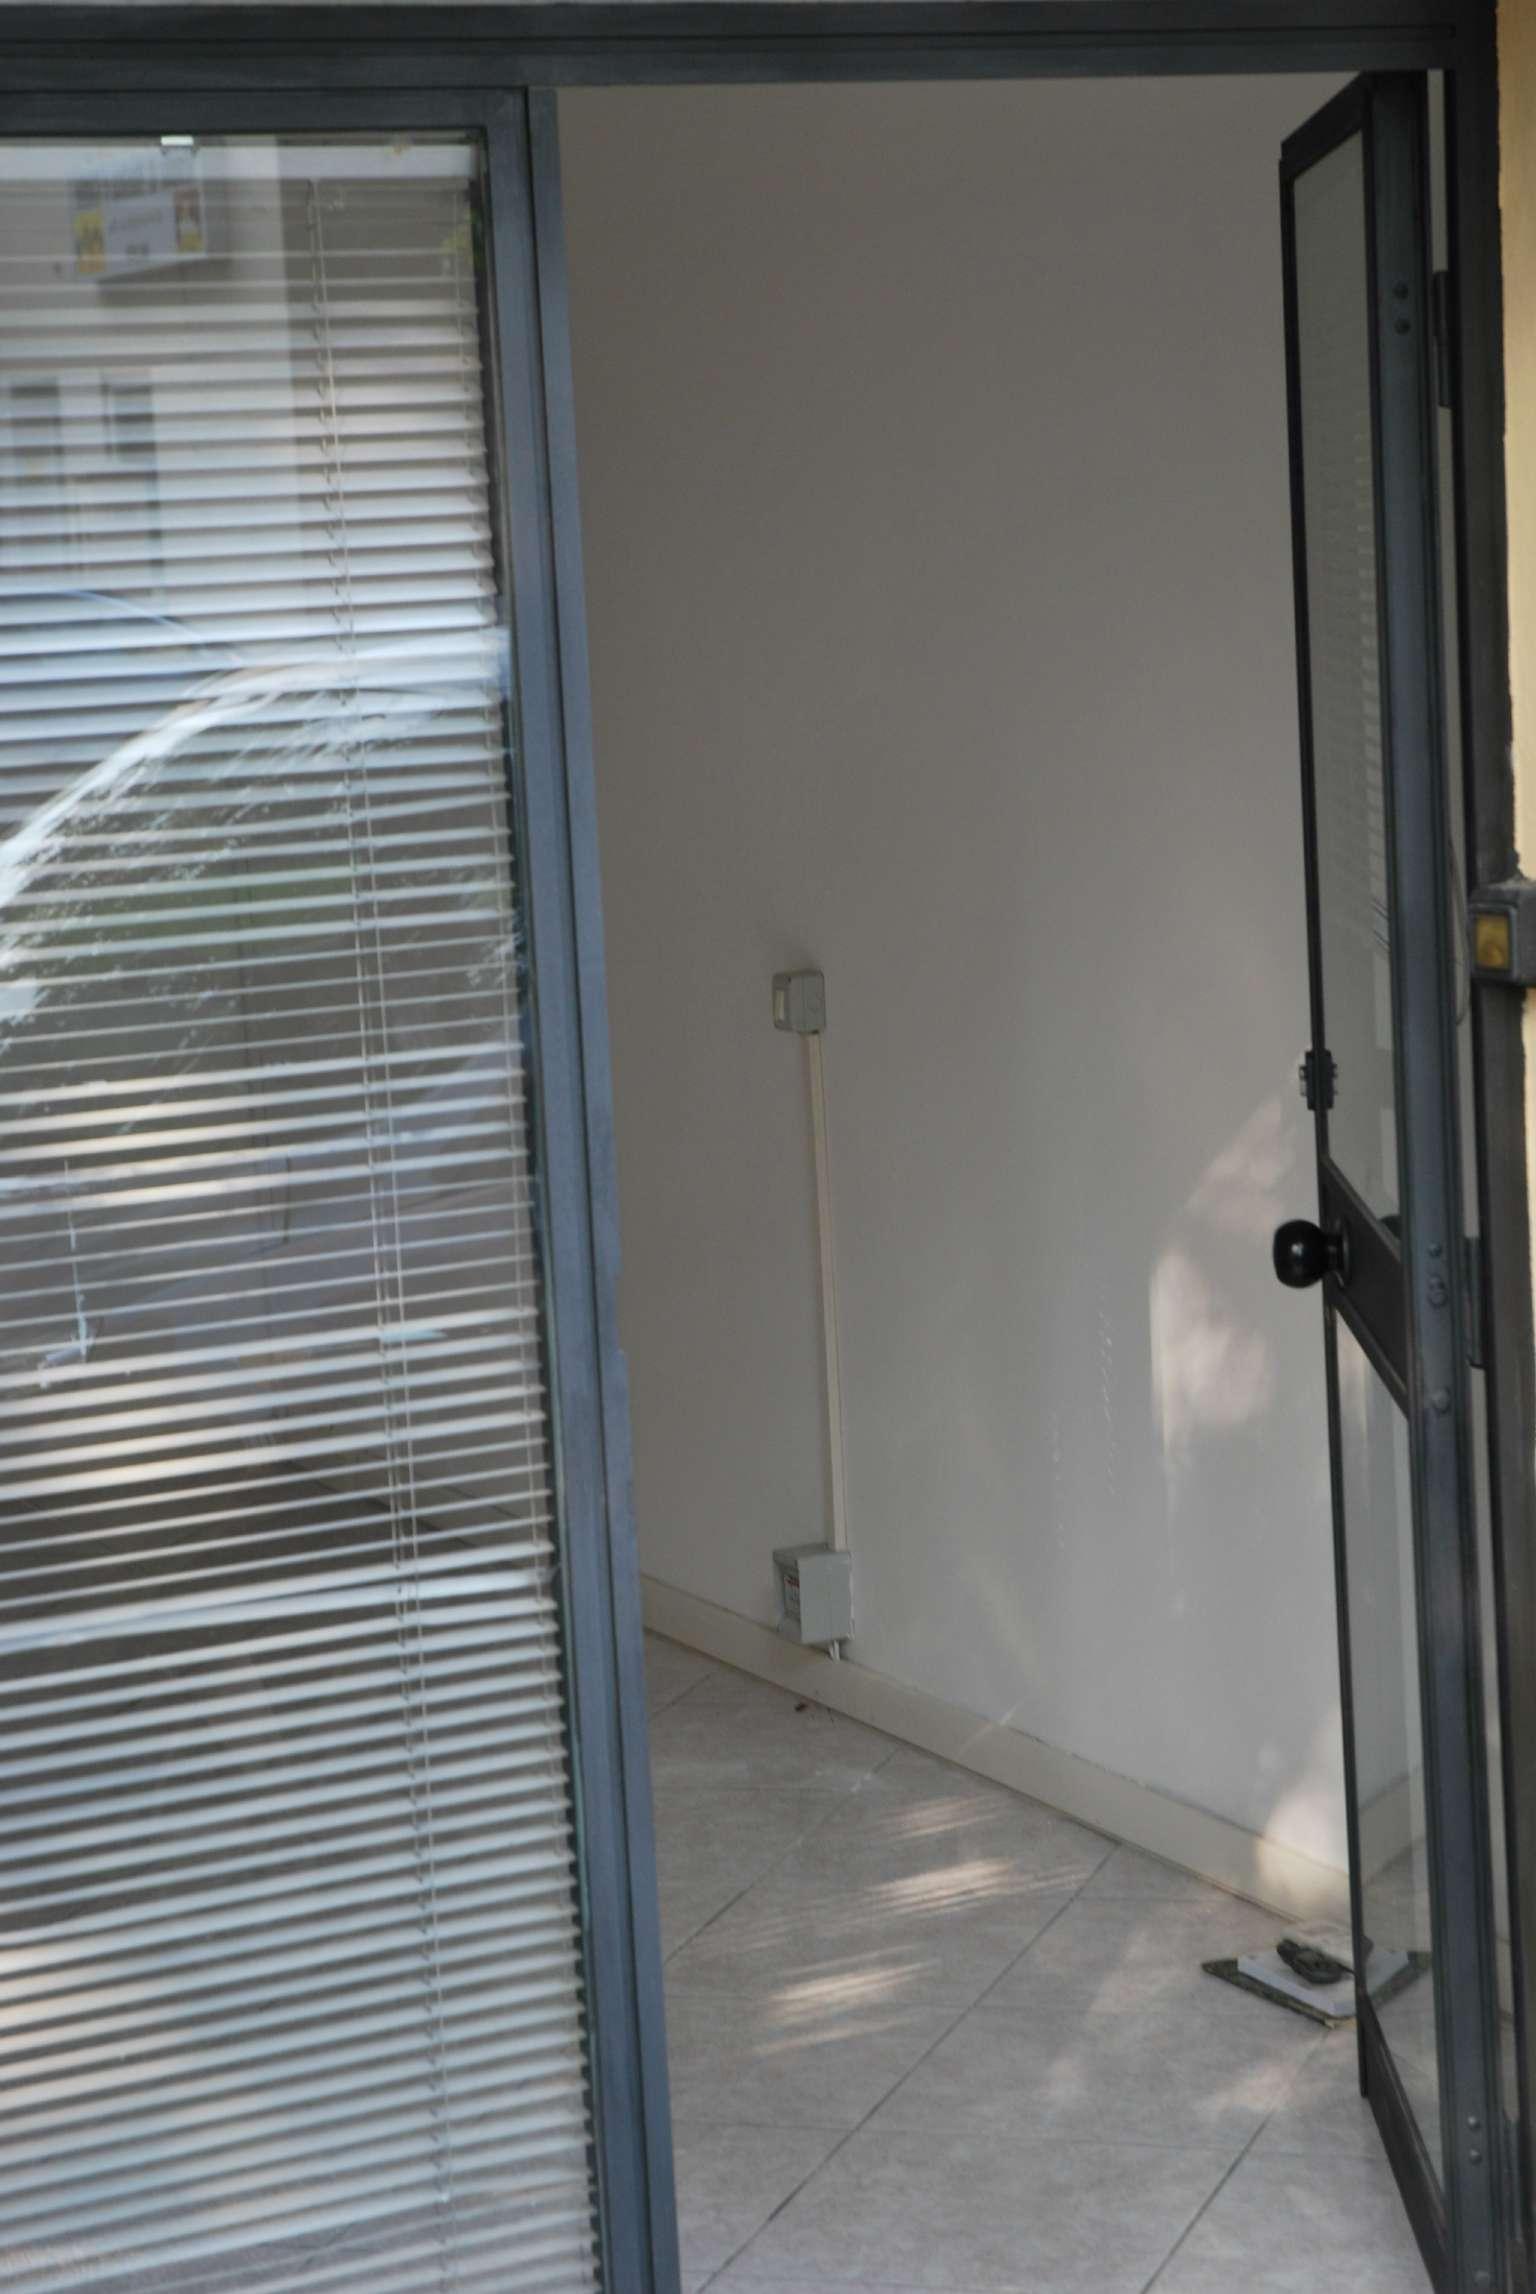 Negozio / Locale in affitto a Modena, 2 locali, prezzo € 430 | CambioCasa.it